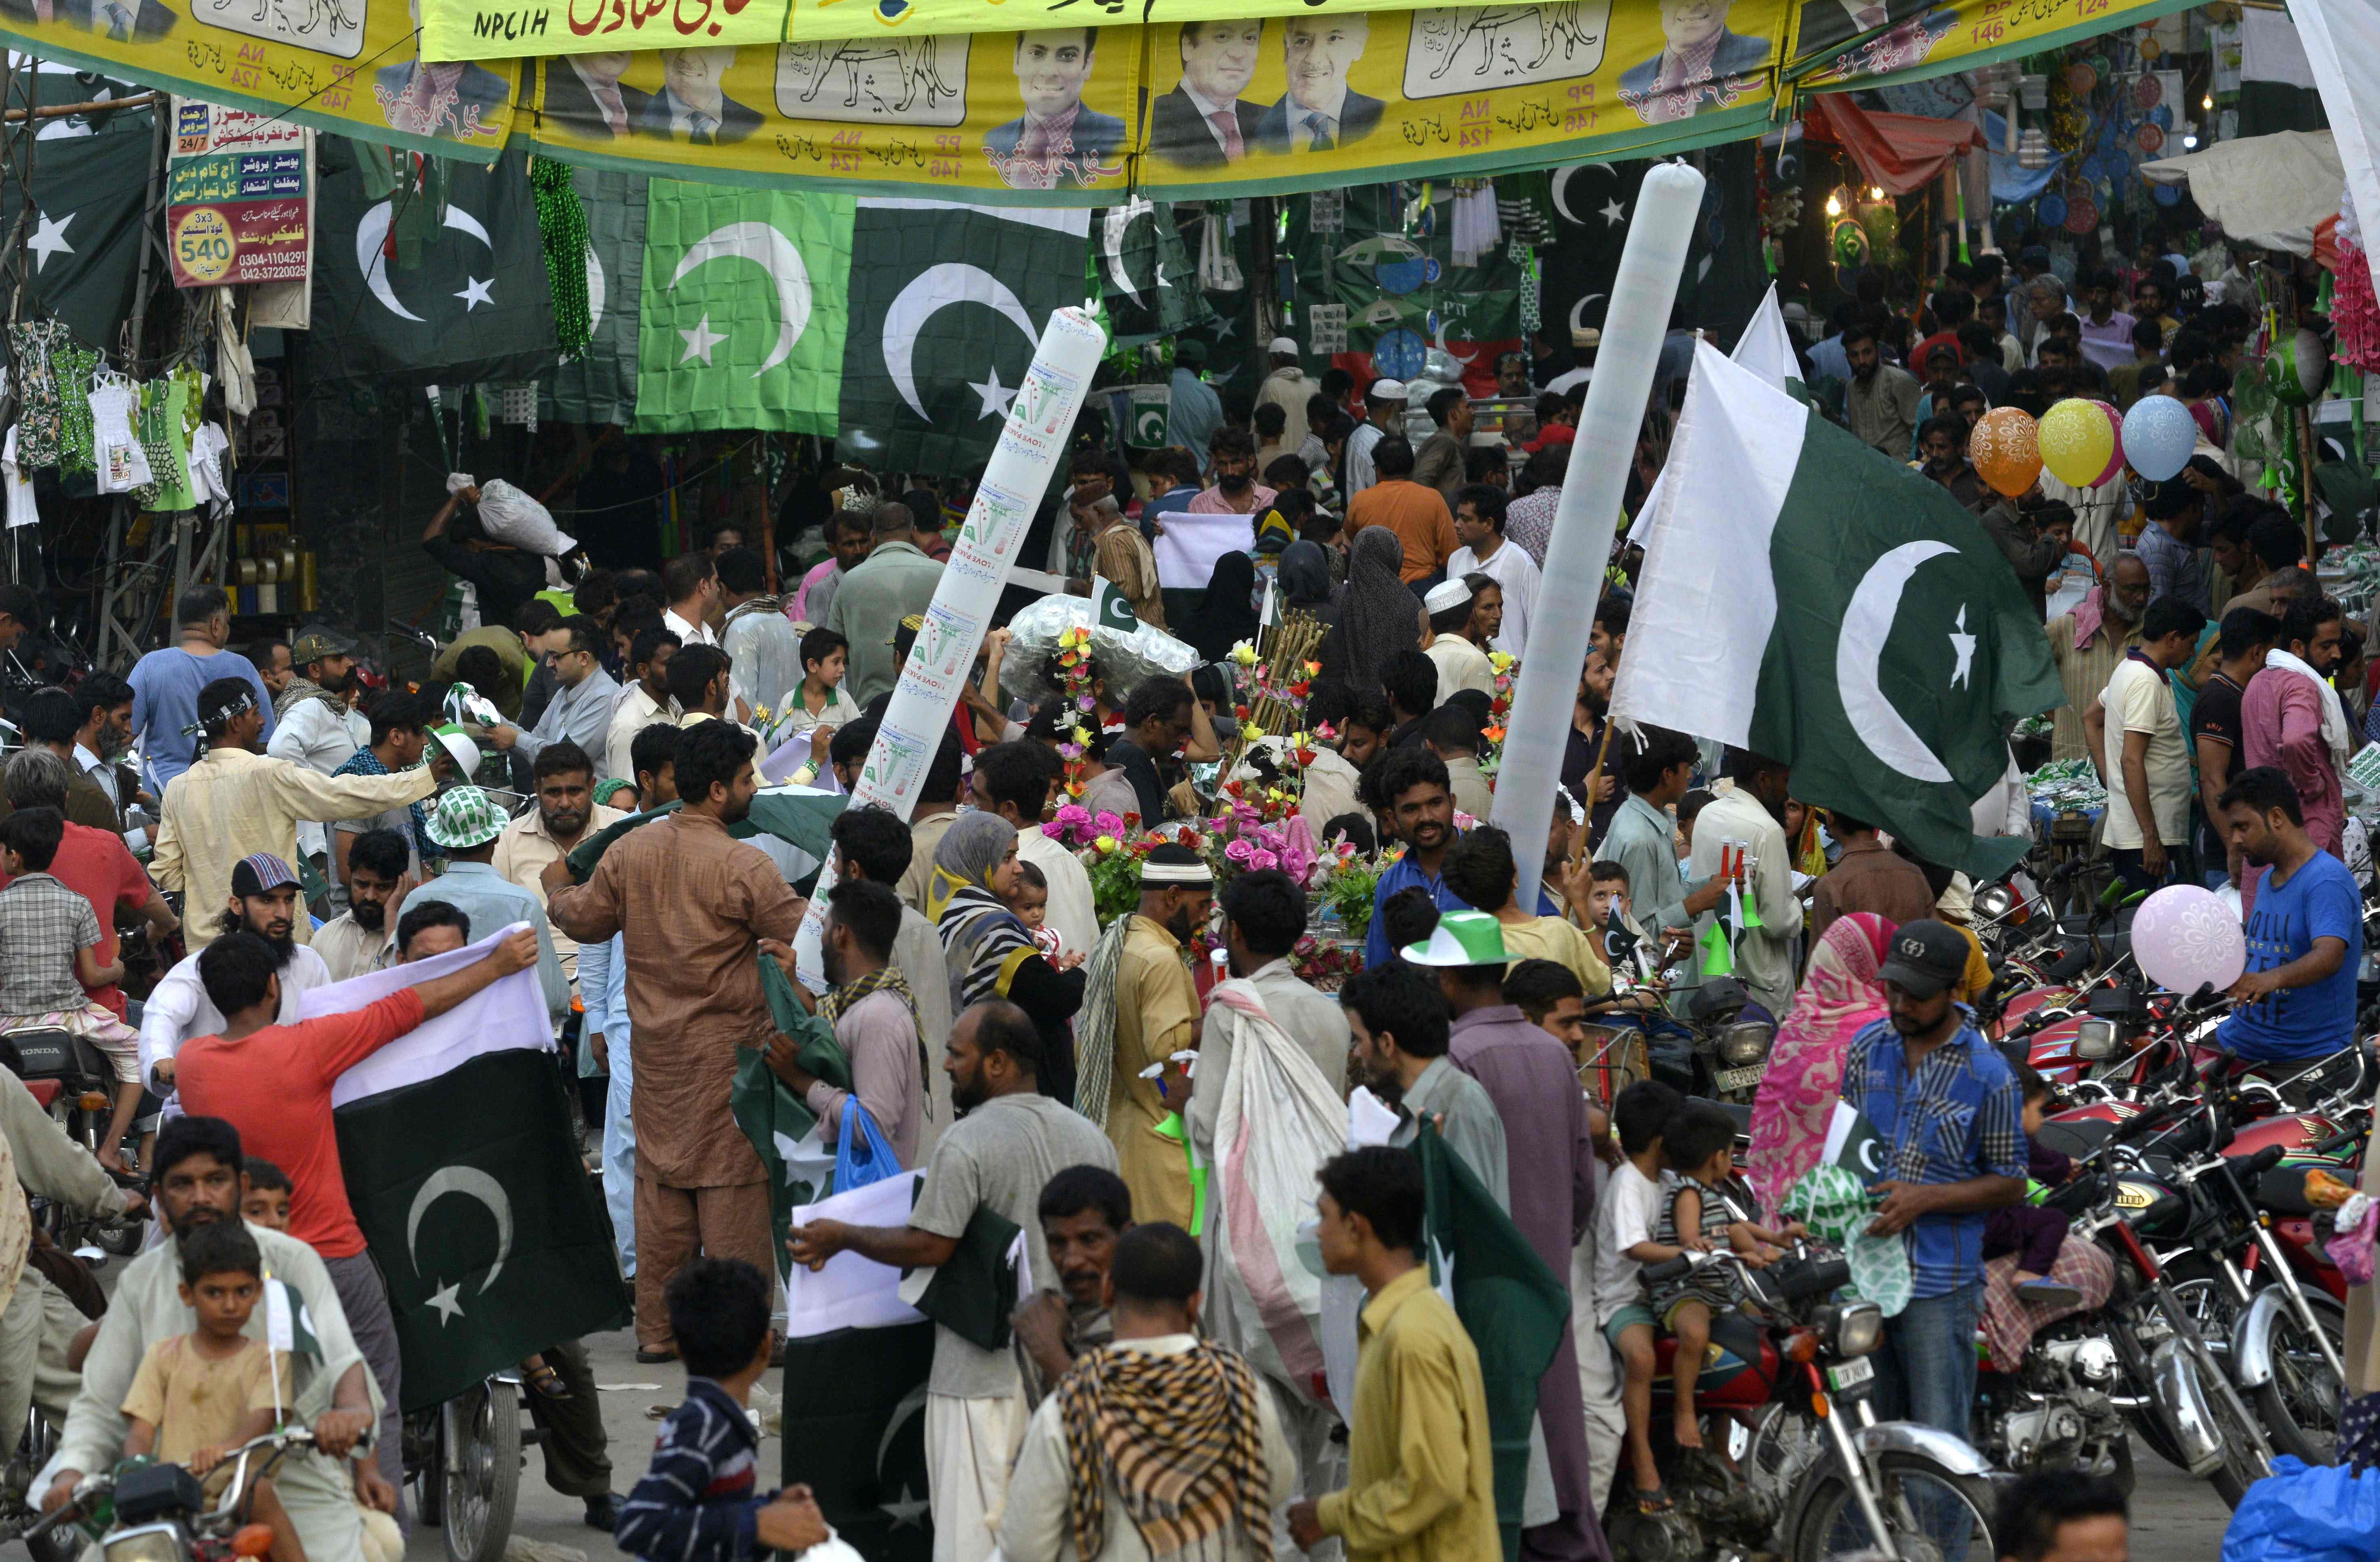 مواطنون باكستانيون يحتفلون بذكرى استقلال بلادهم